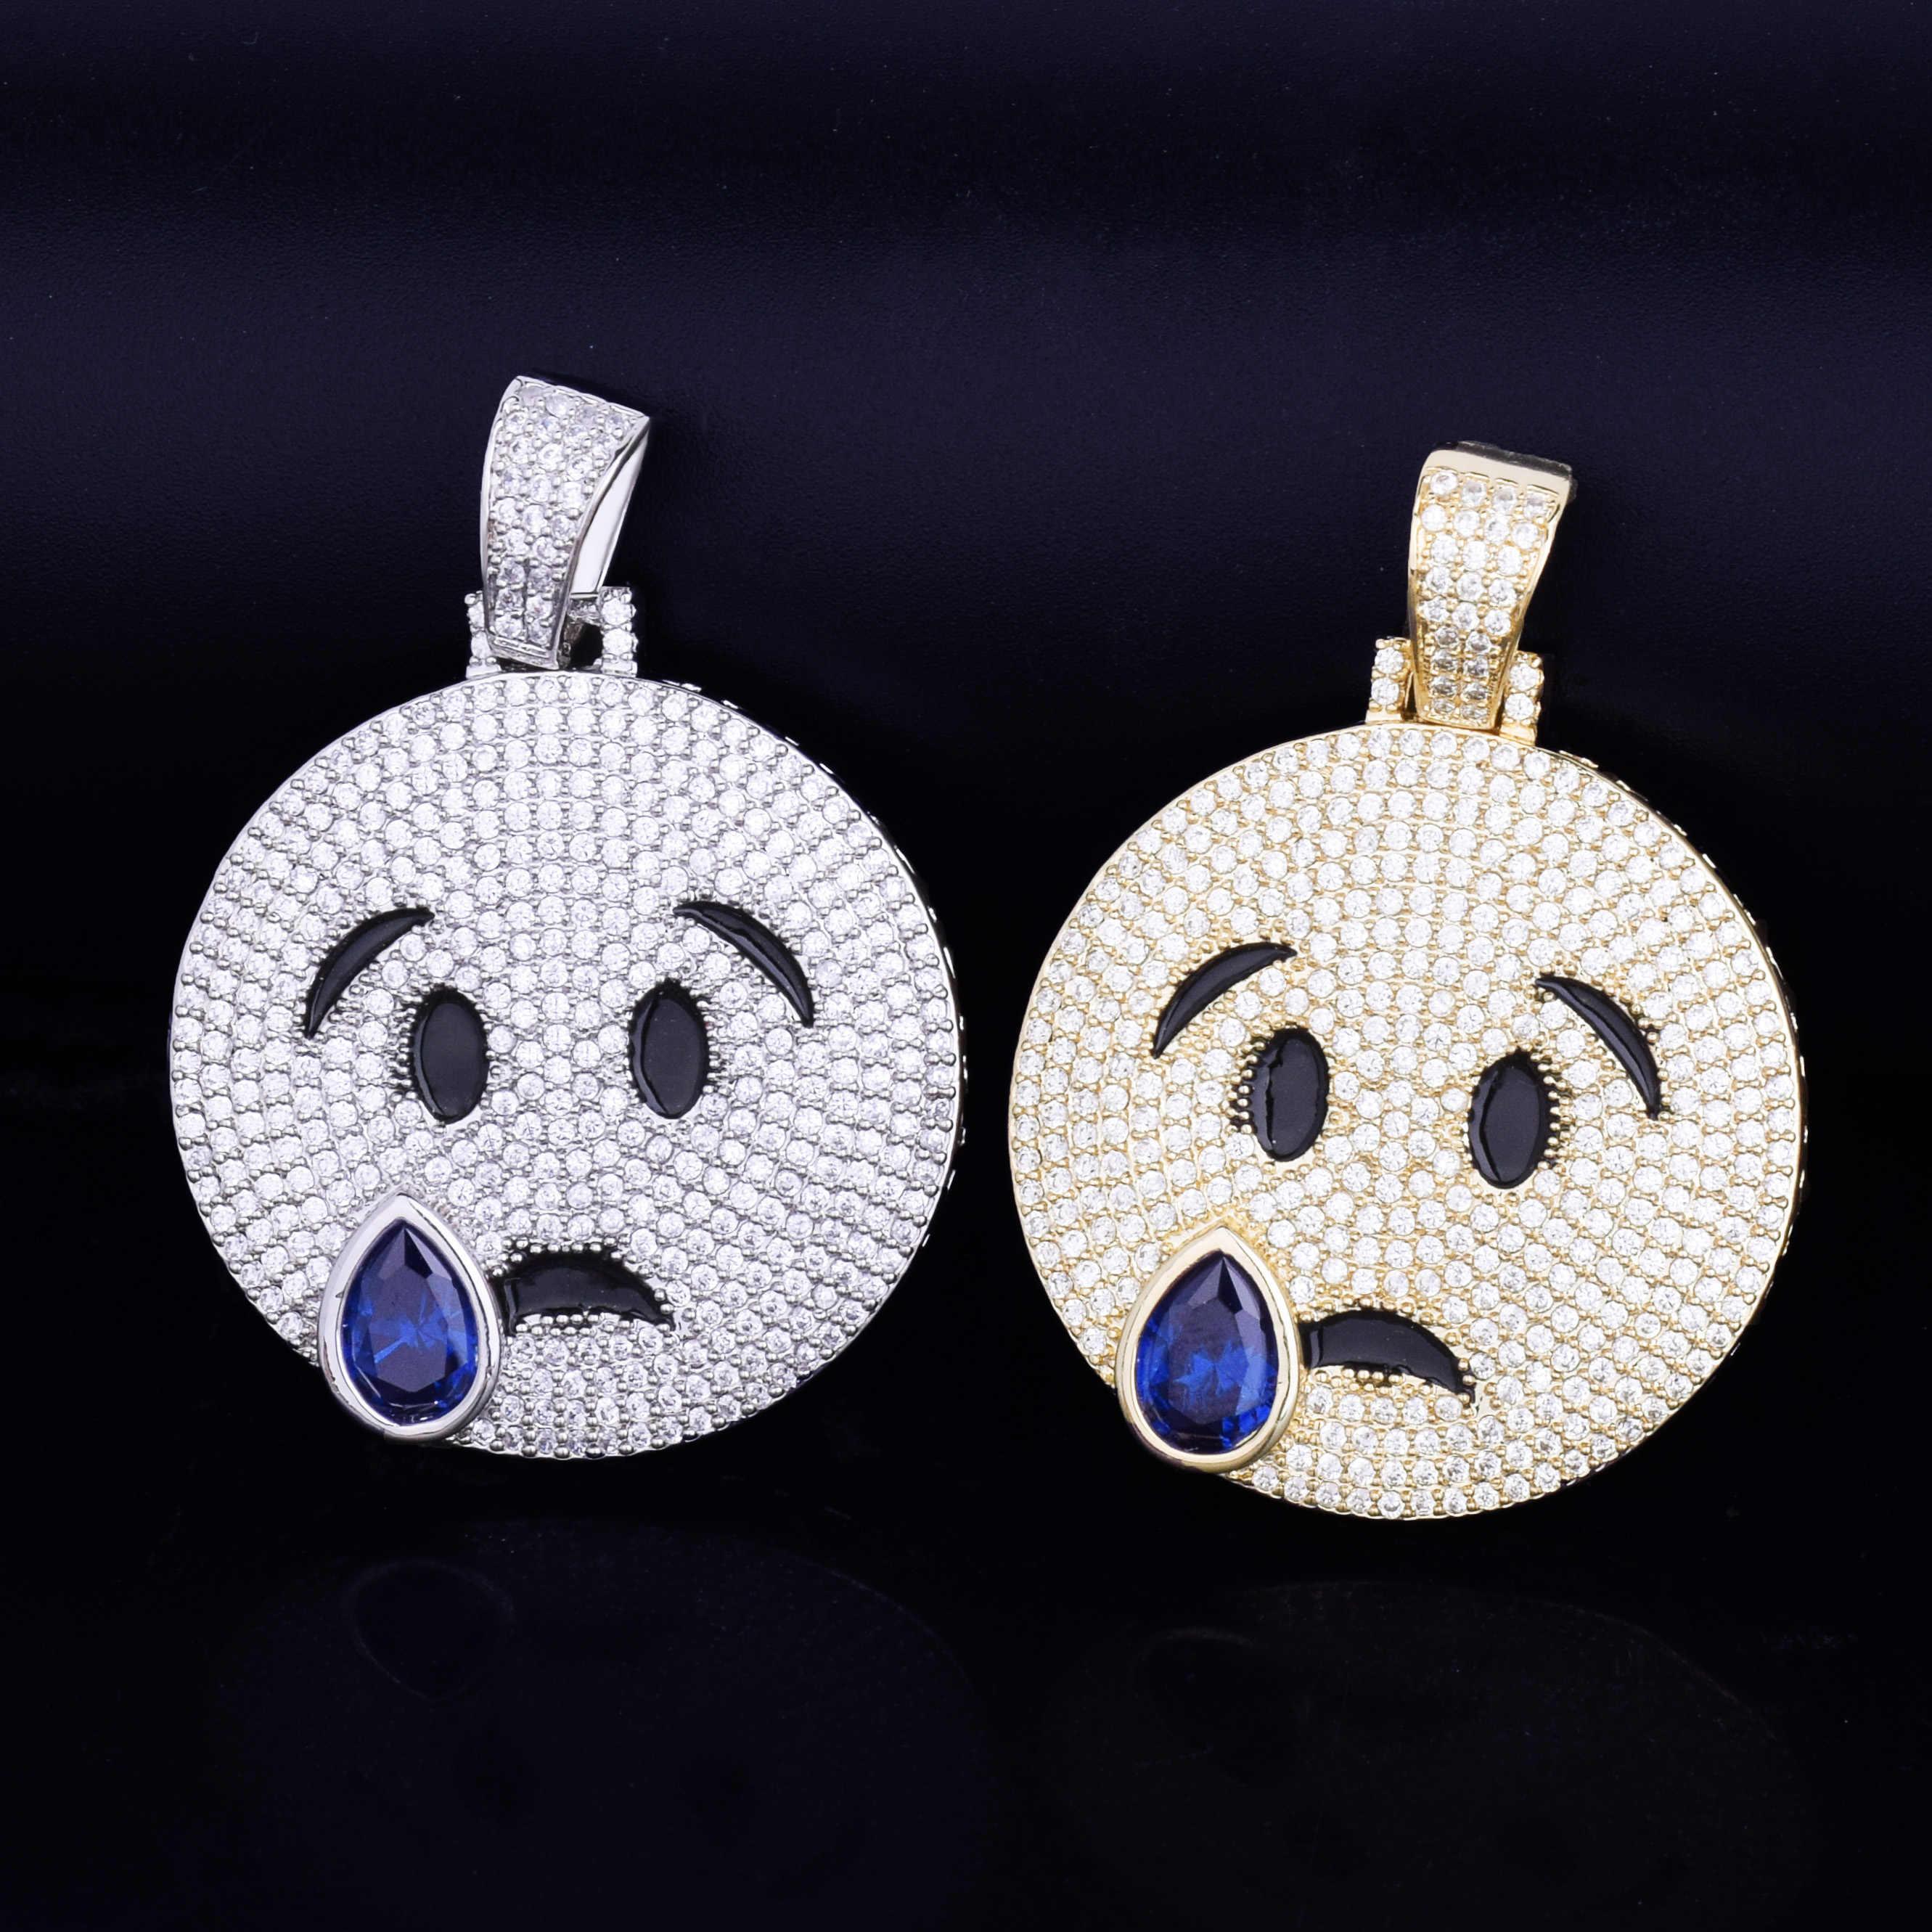 Płacząca twarz naszyjnik łańcuszek złoty srebrny z niebieskim sześciennym cyrkonią męski hip hop Rock Jewelry